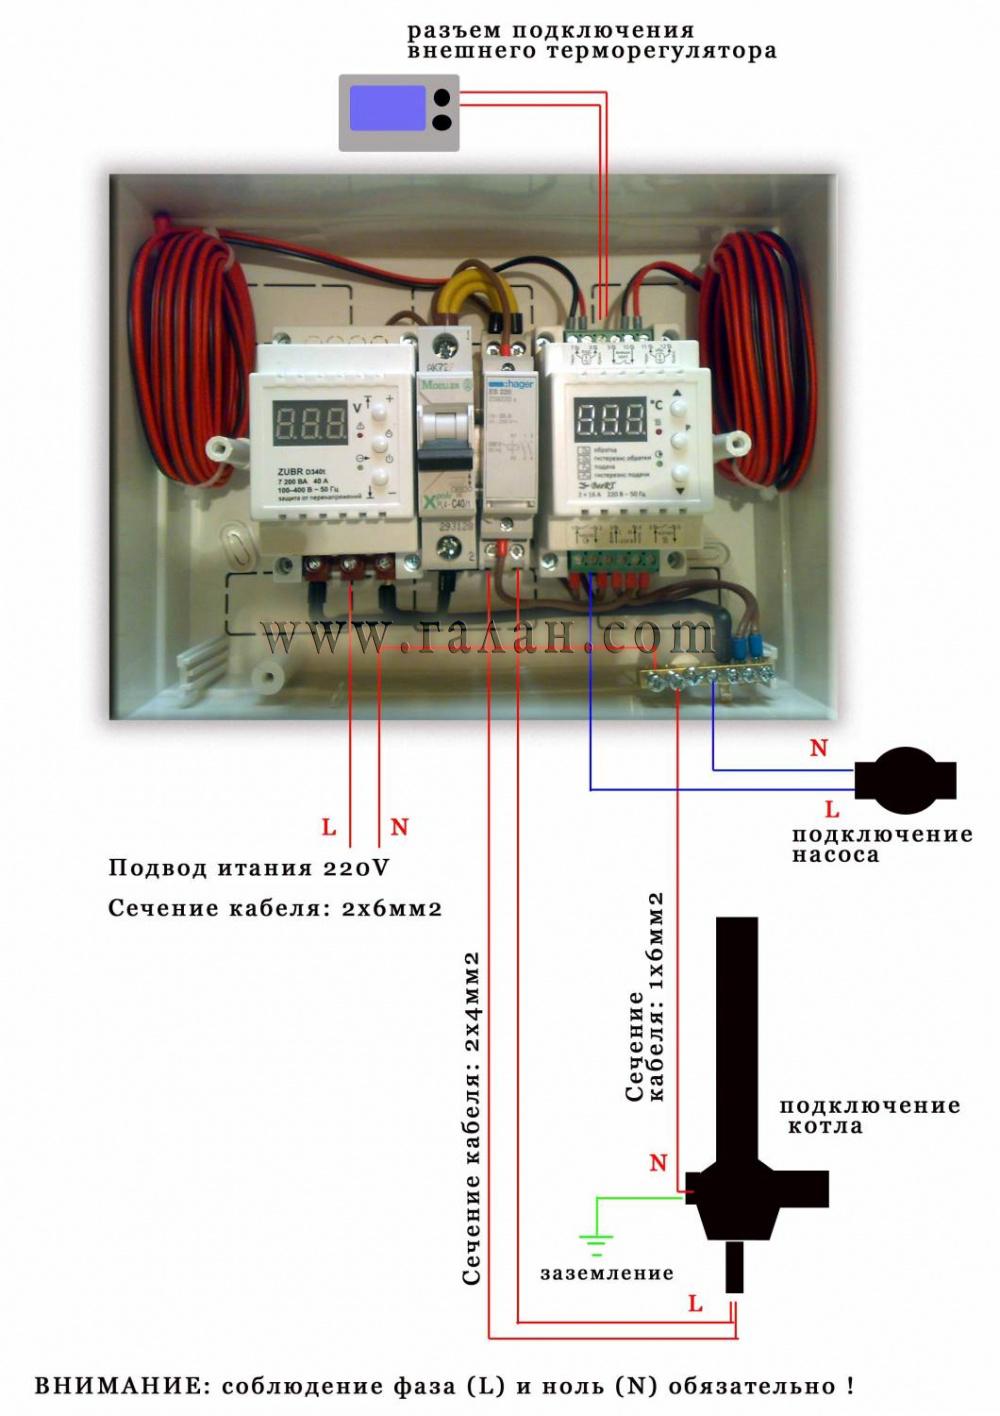 Электрическая схема электрического котла отопления галан